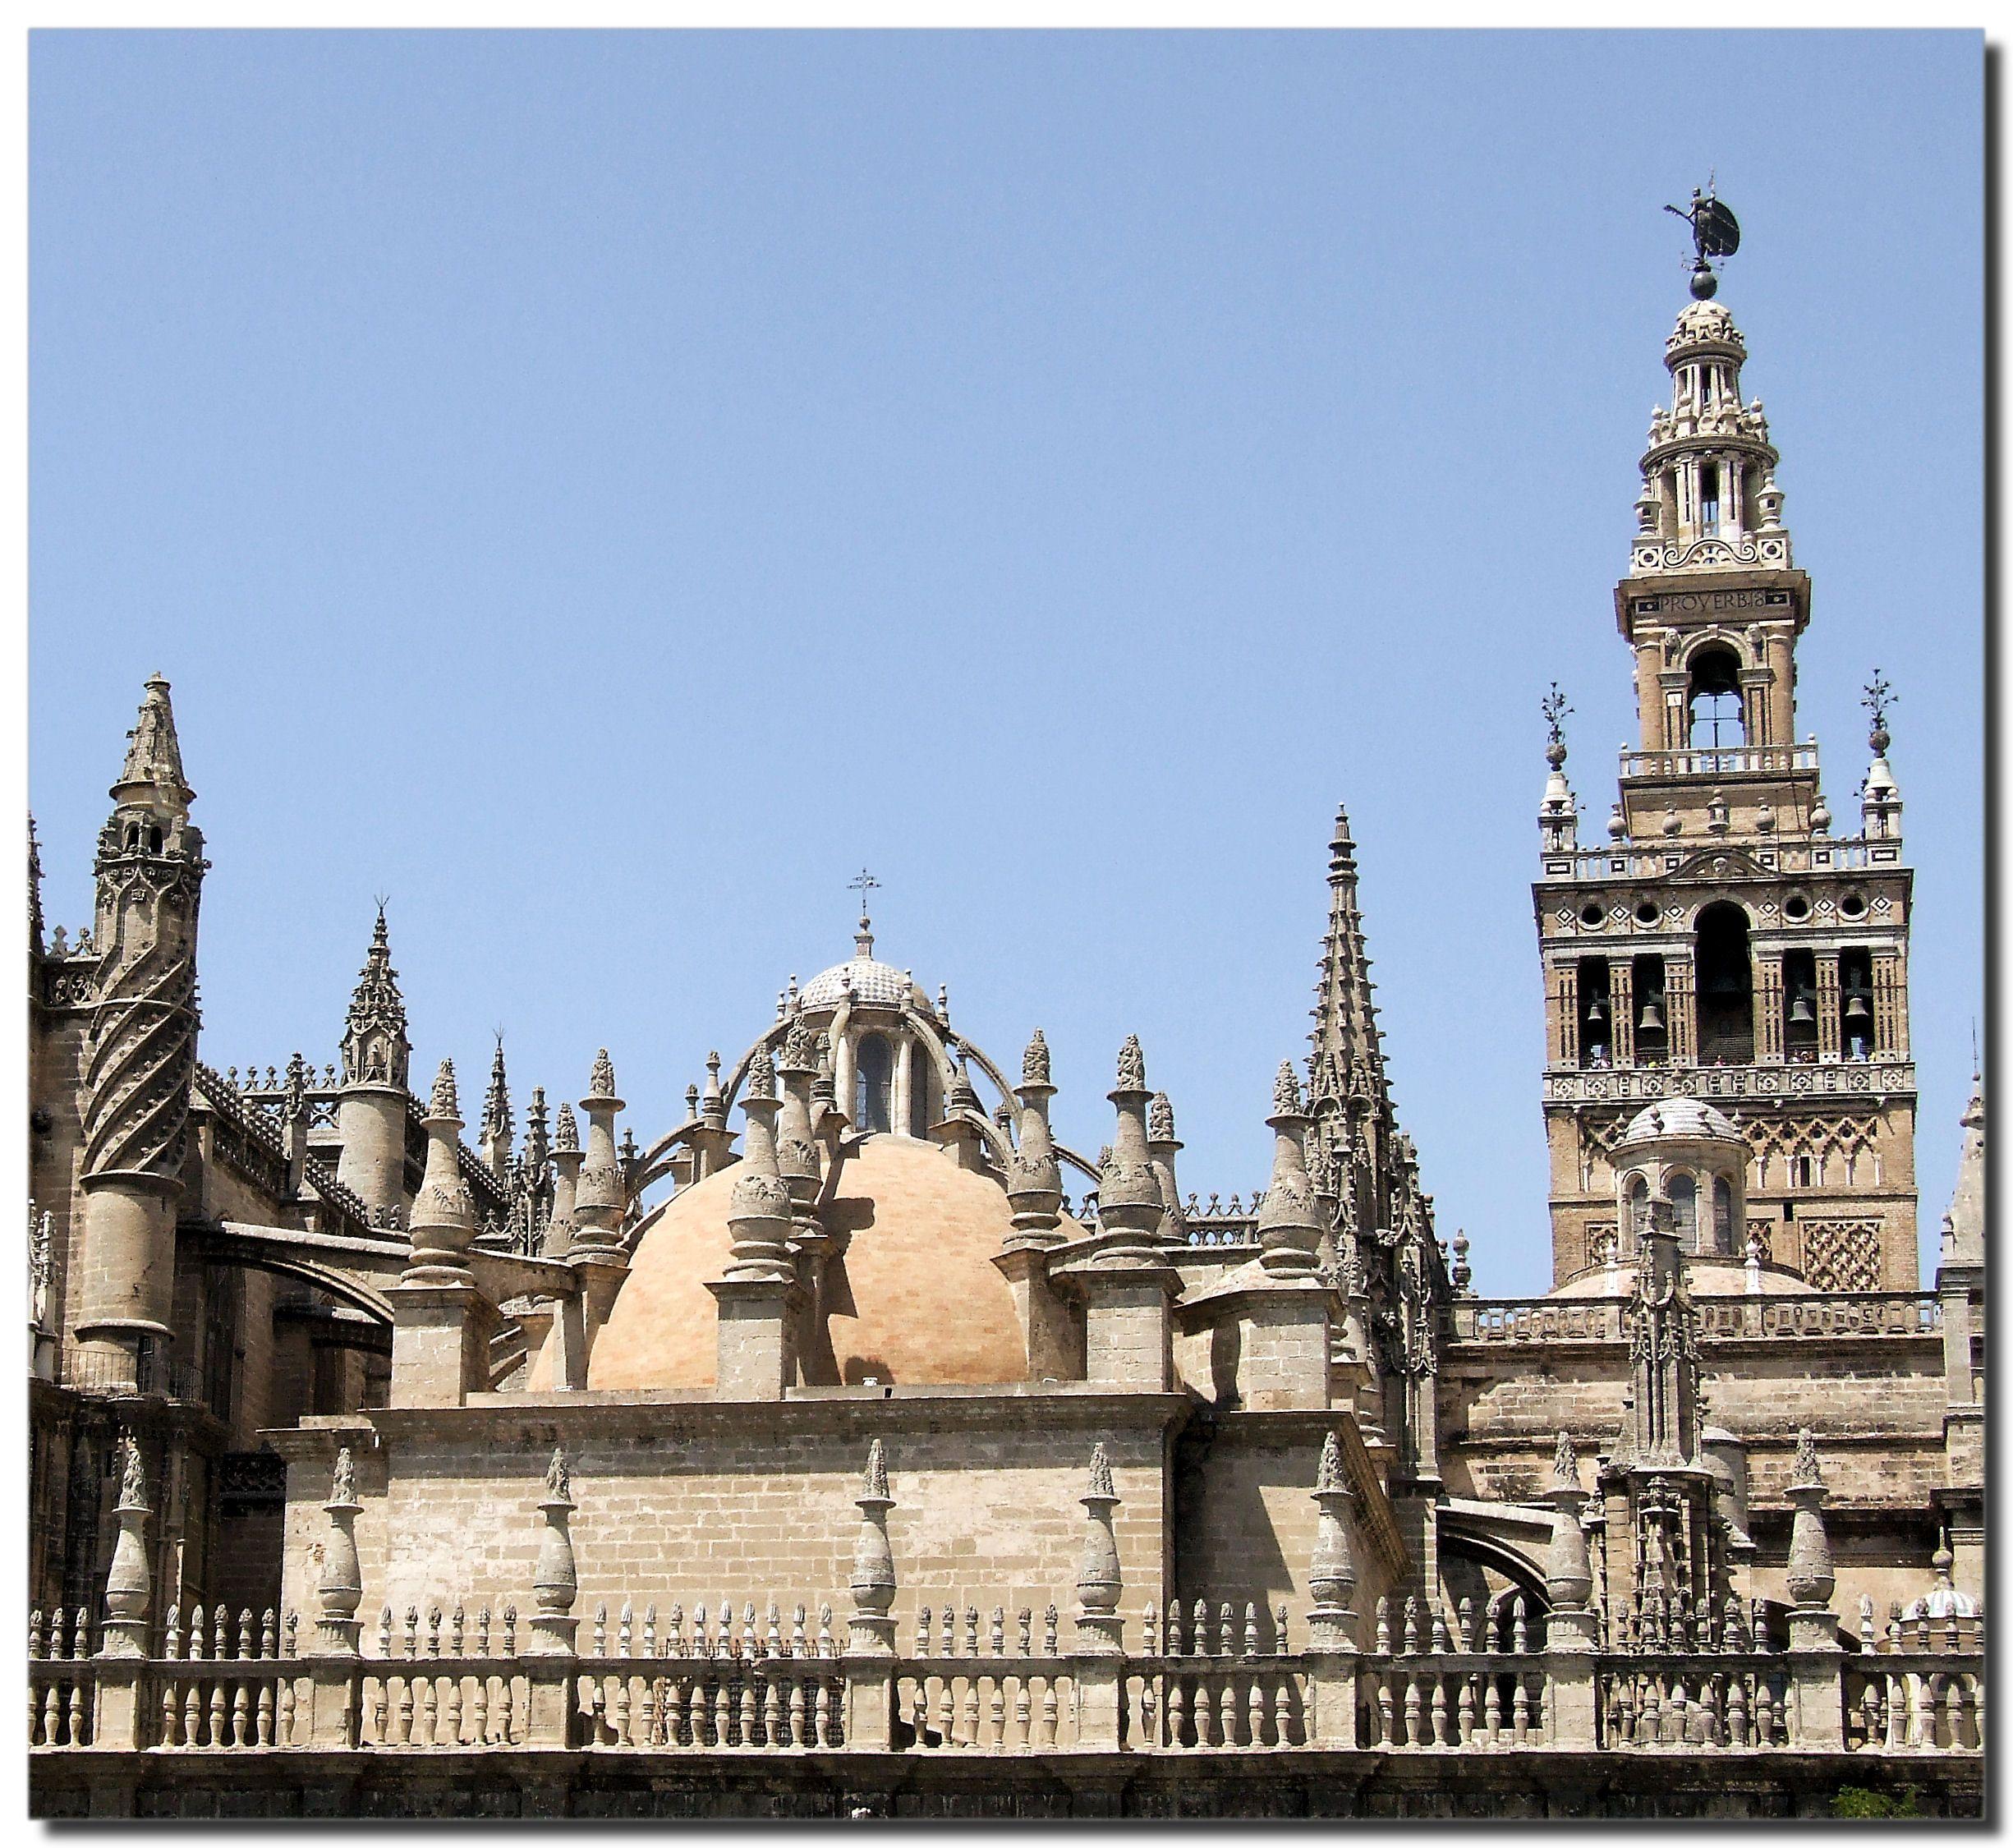 Catedral de Santa María de la Sede - Sevilla (Spain)